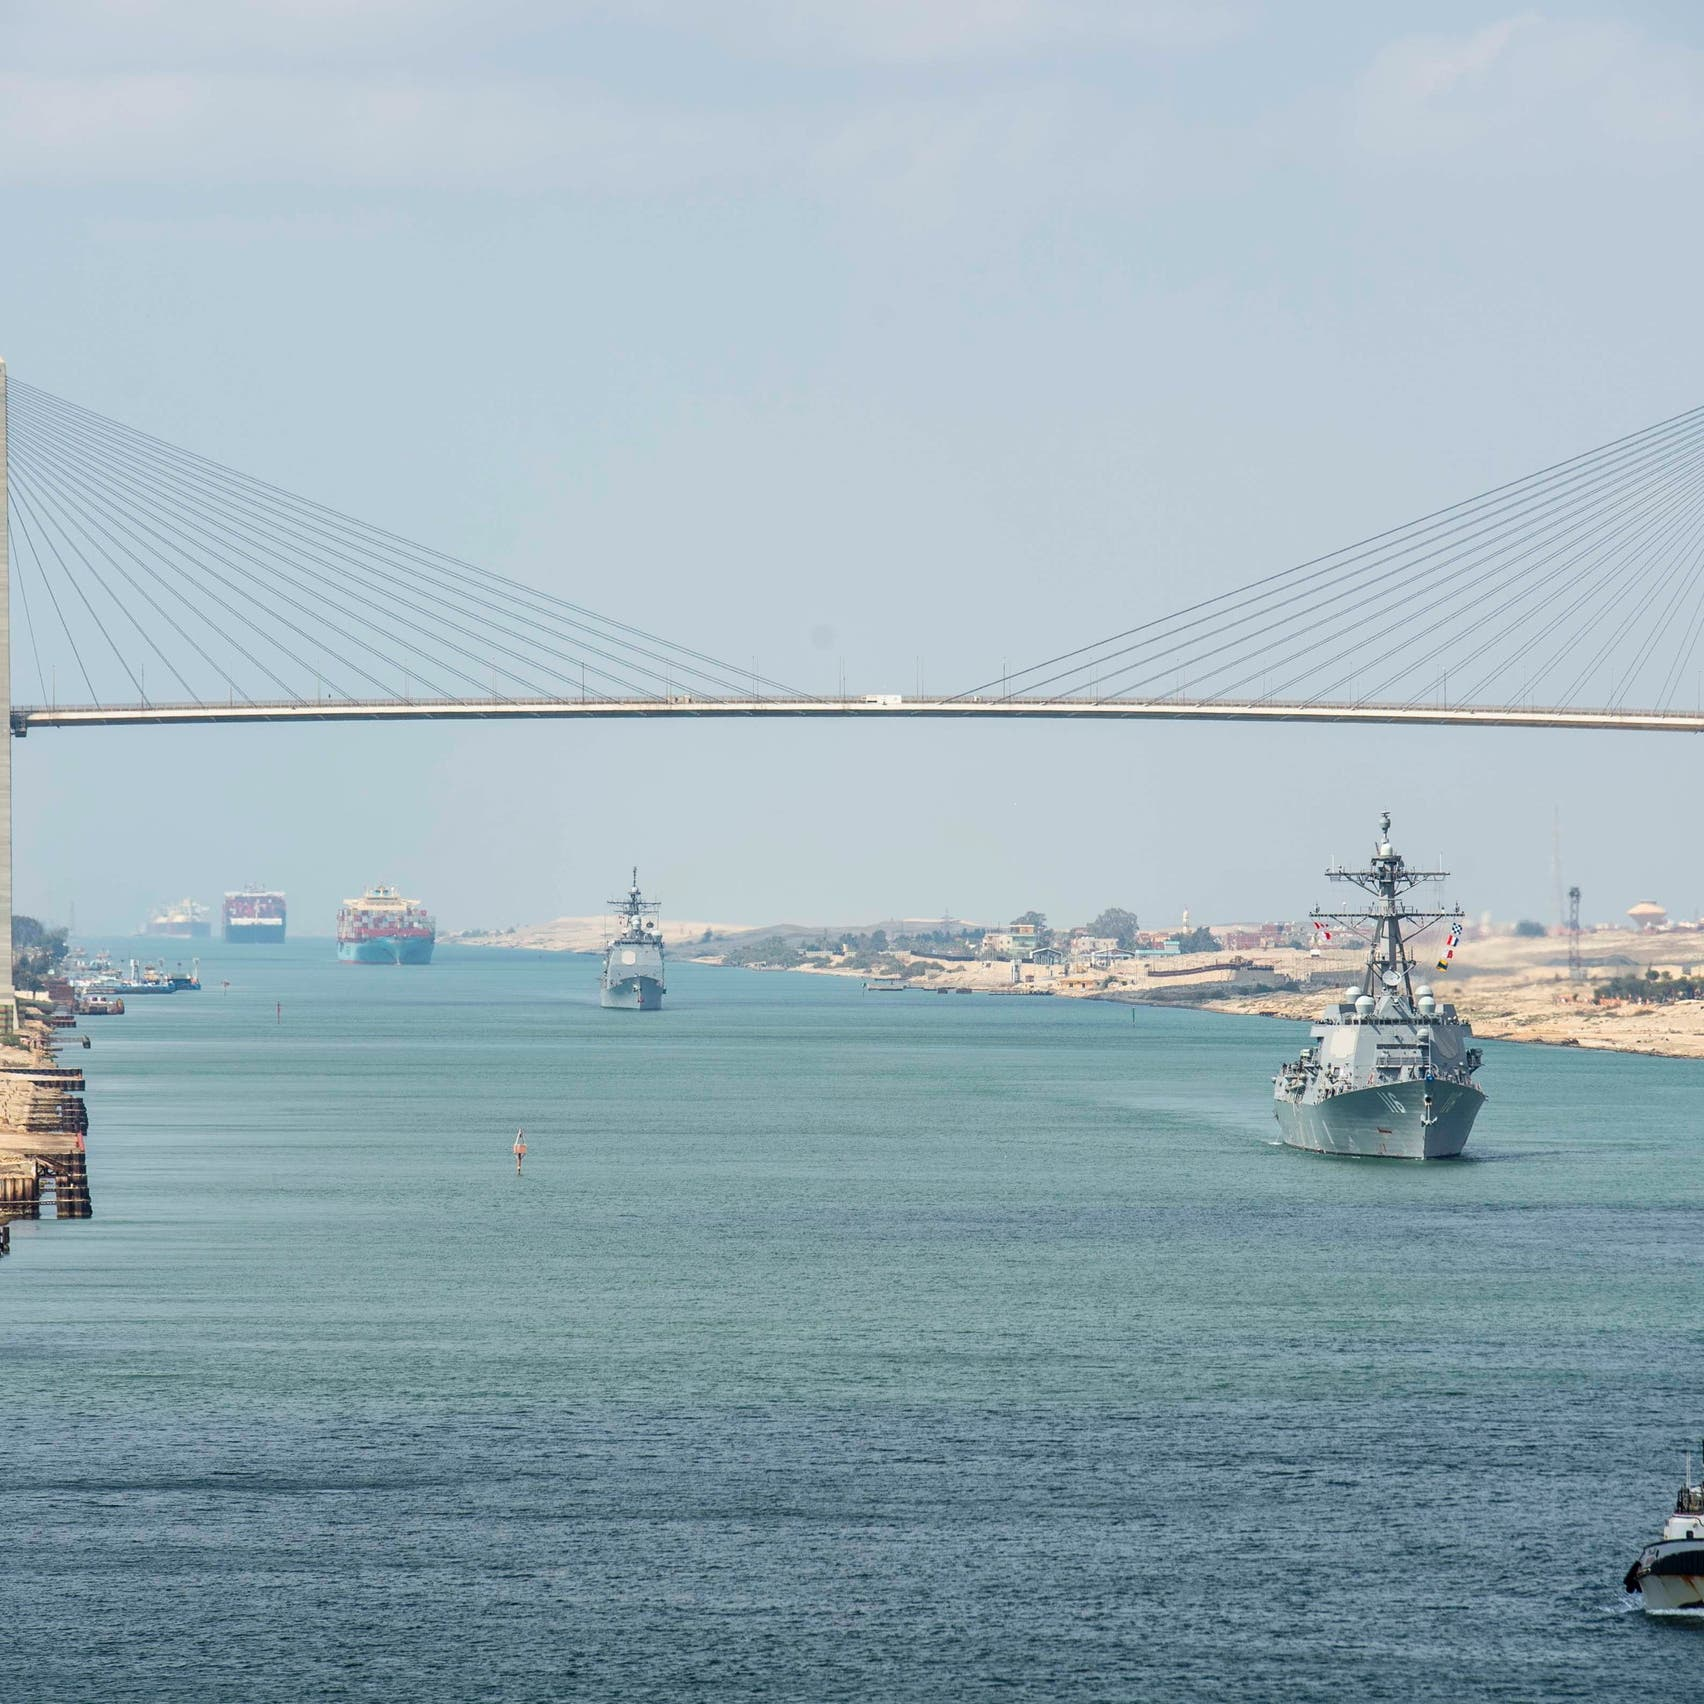 قناة السويس تعلن عبور أعلى معدل يومي من السفن في تاريخها